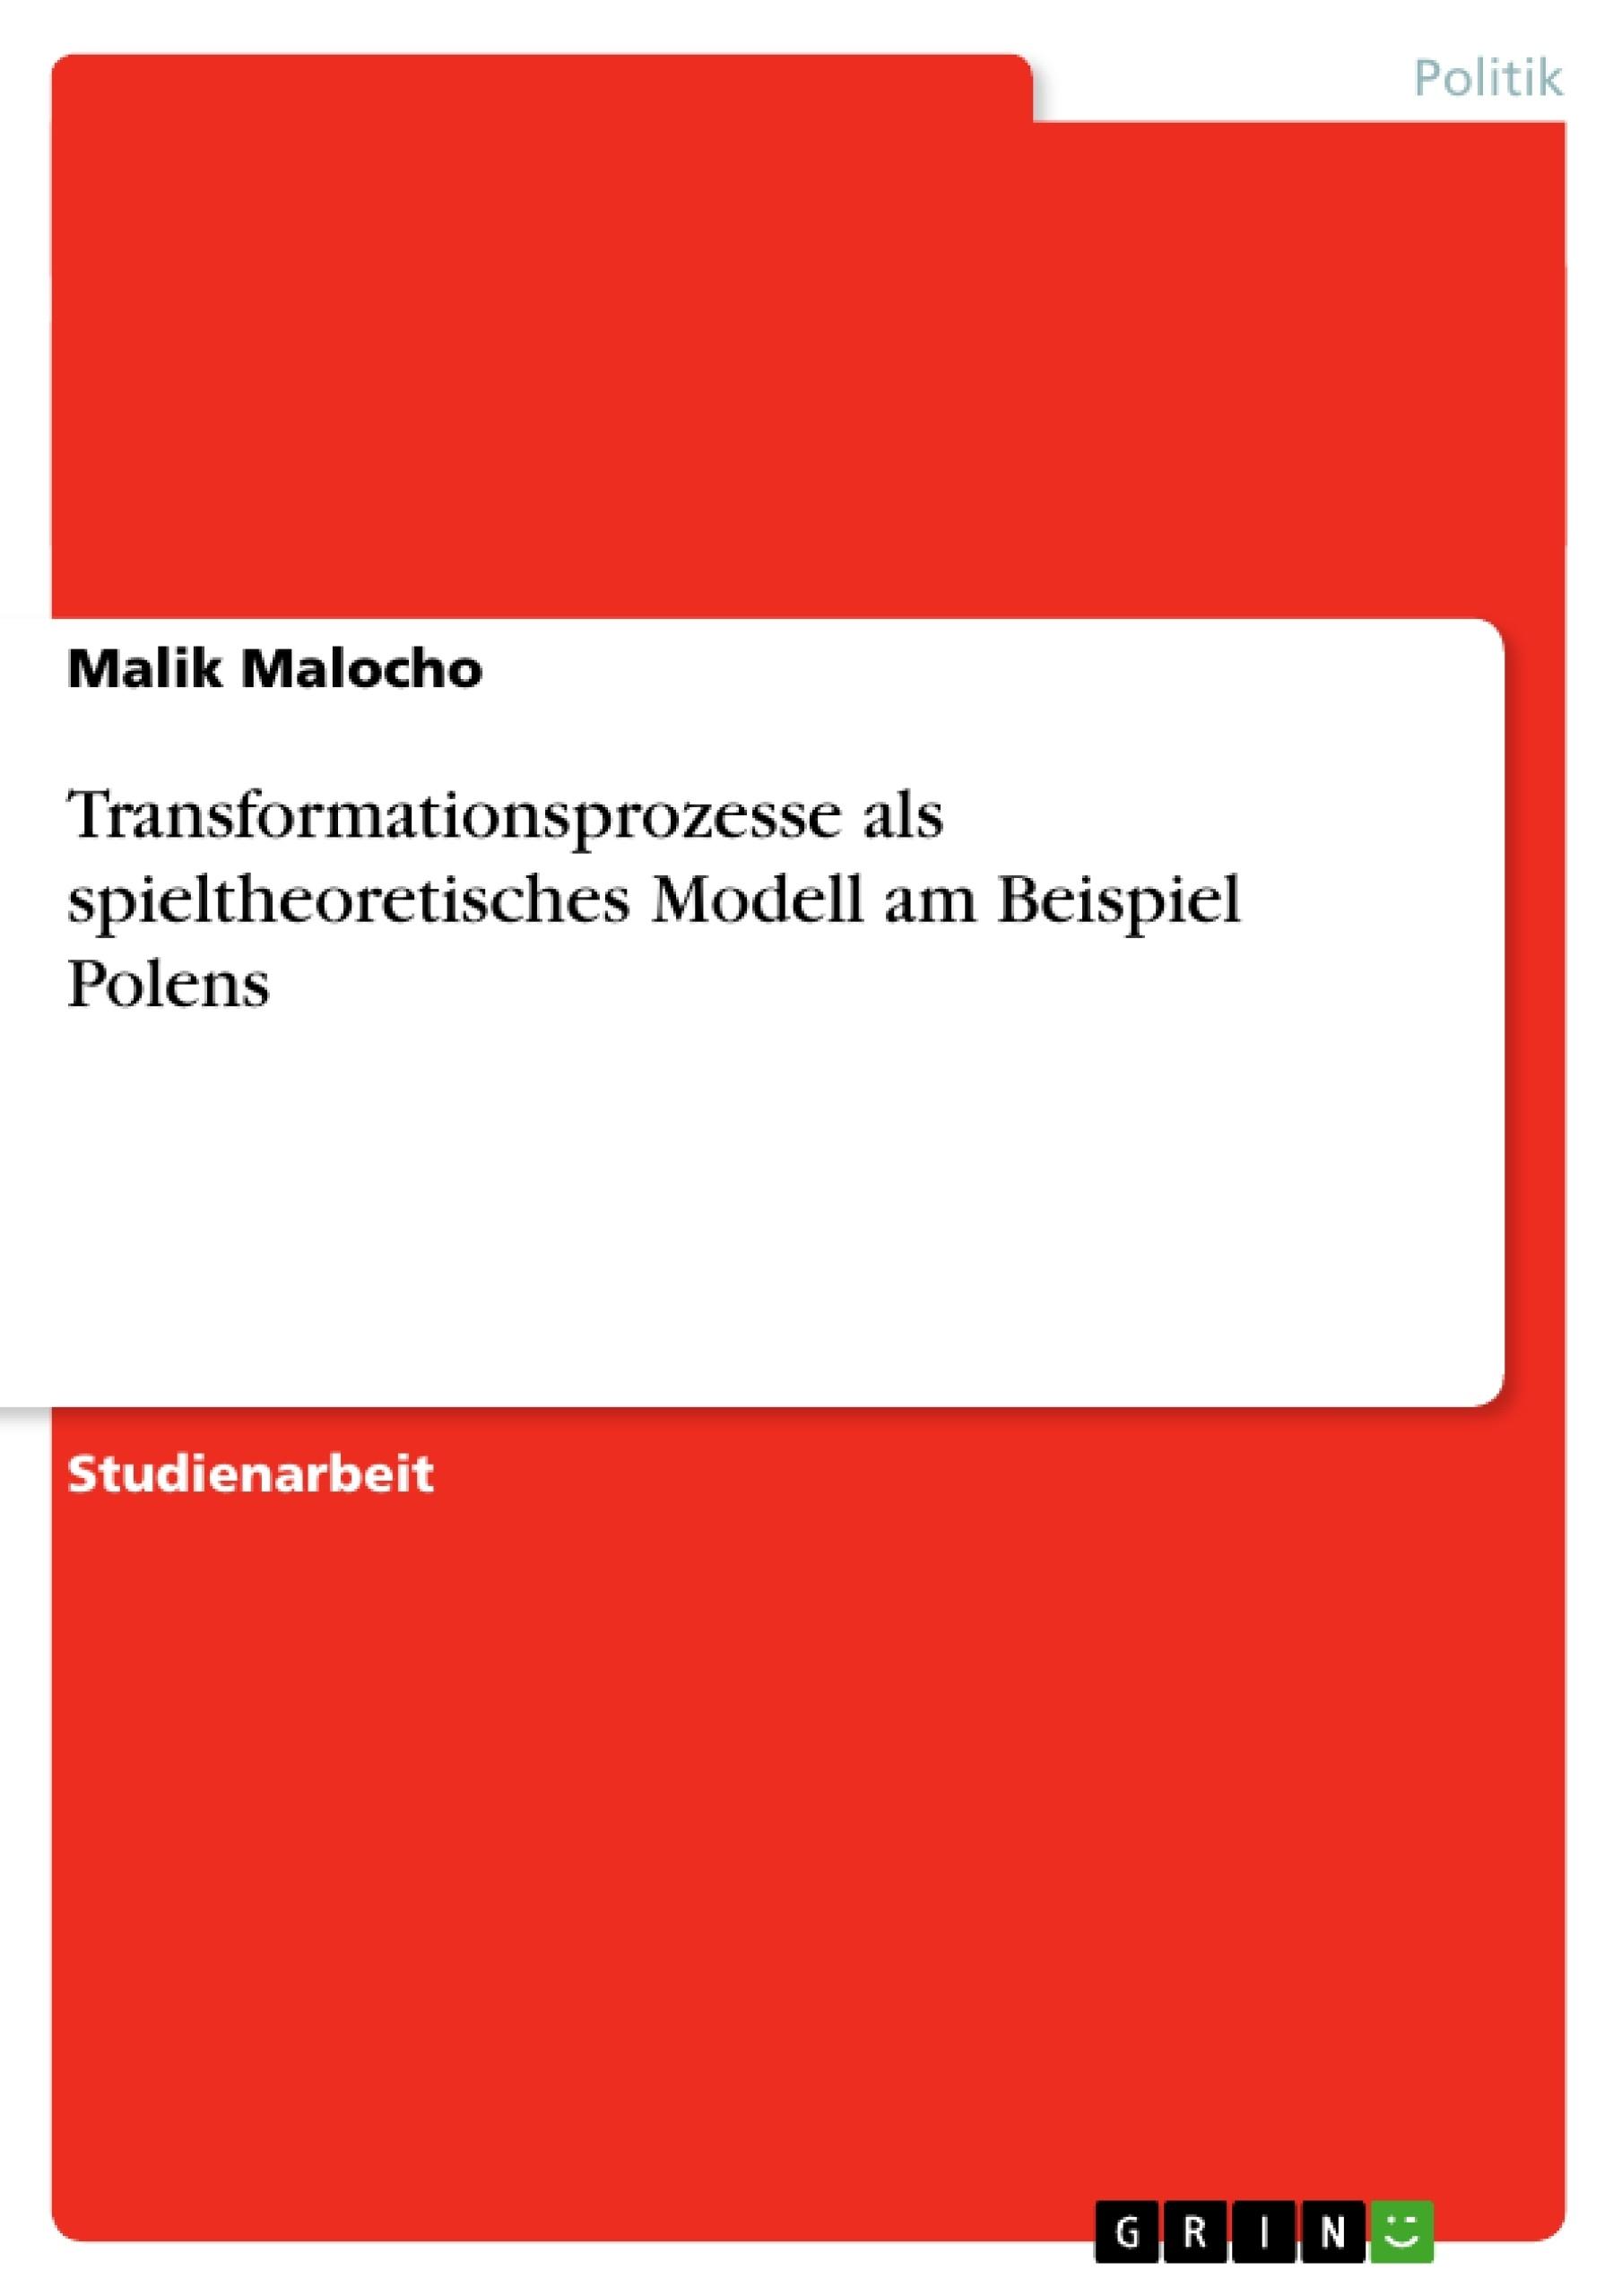 Titel: Transformationsprozesse als spieltheoretisches Modell am Beispiel Polens